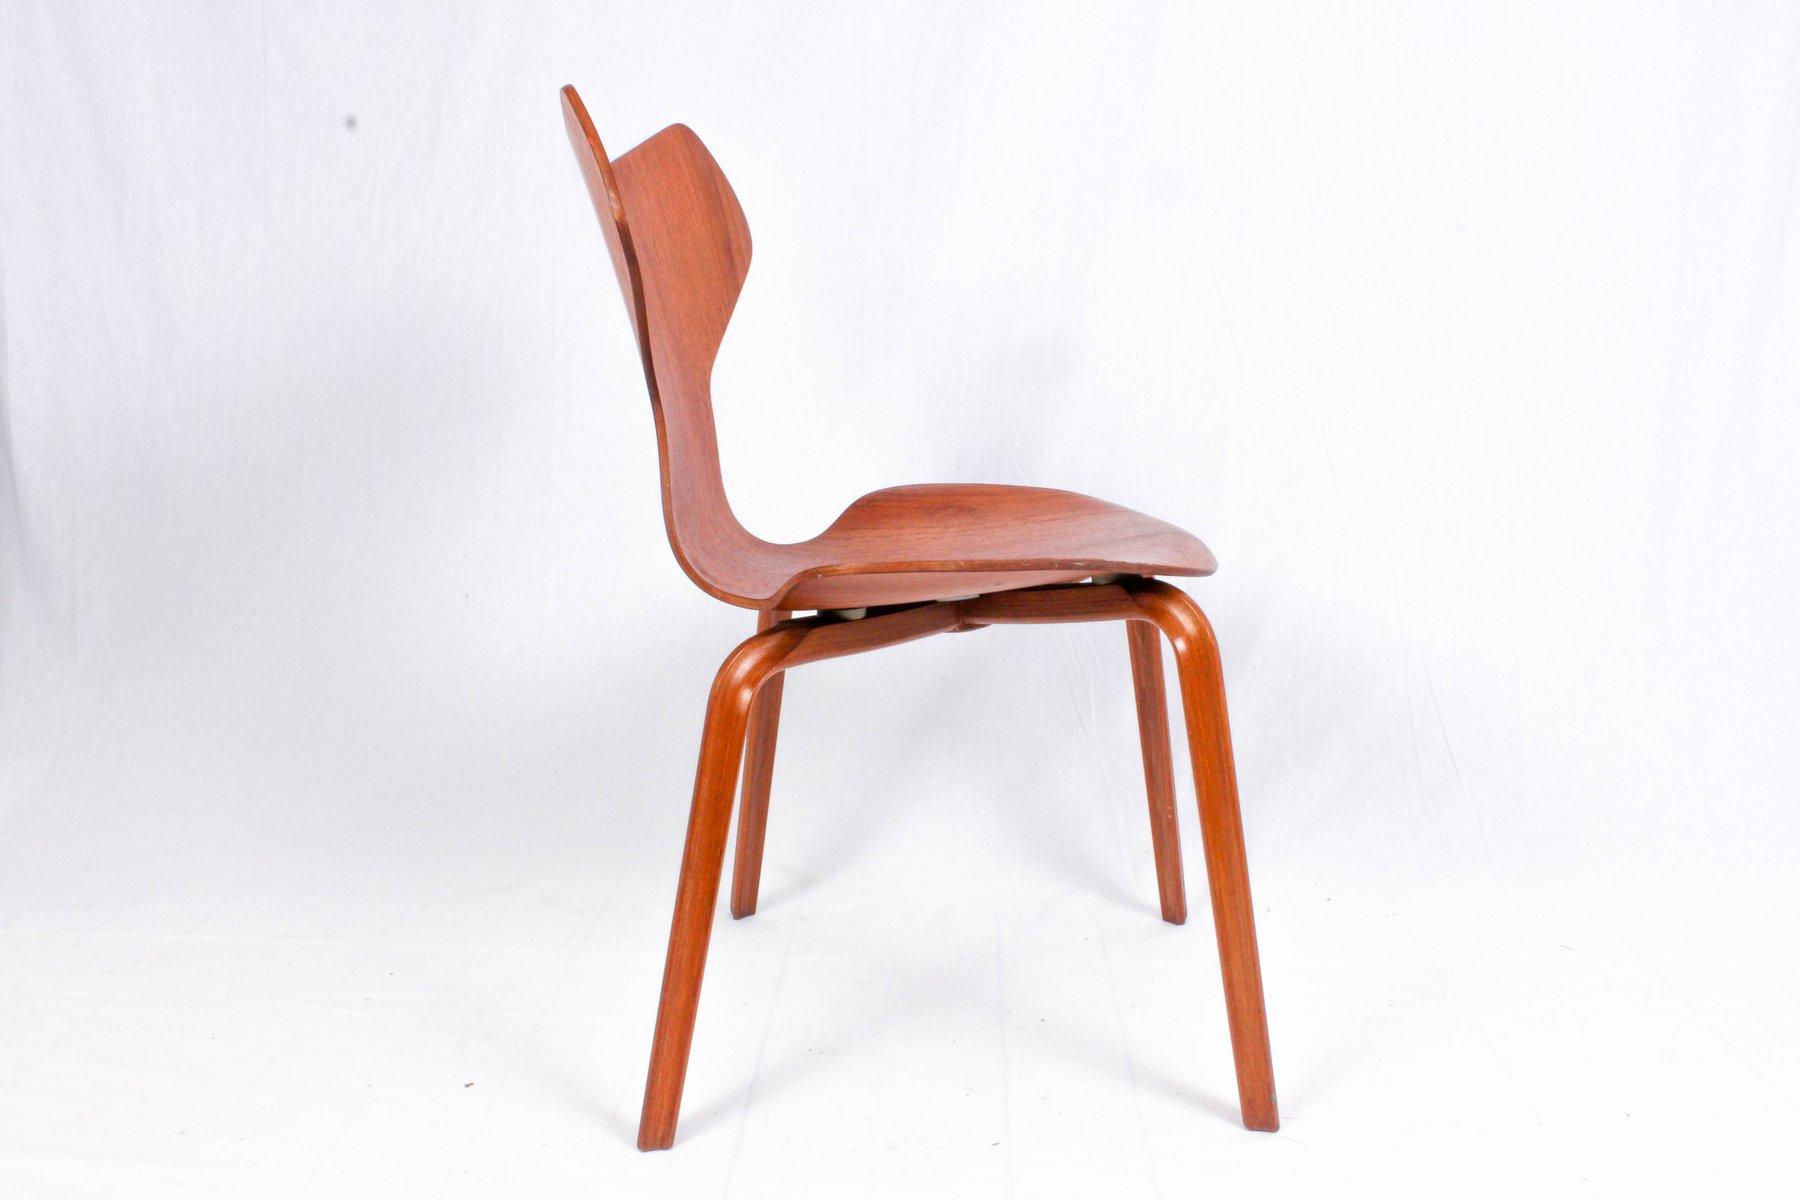 modell 3130 stuhl von arne jacobsen f r fritz hansen 1964 bei pamono kaufen. Black Bedroom Furniture Sets. Home Design Ideas